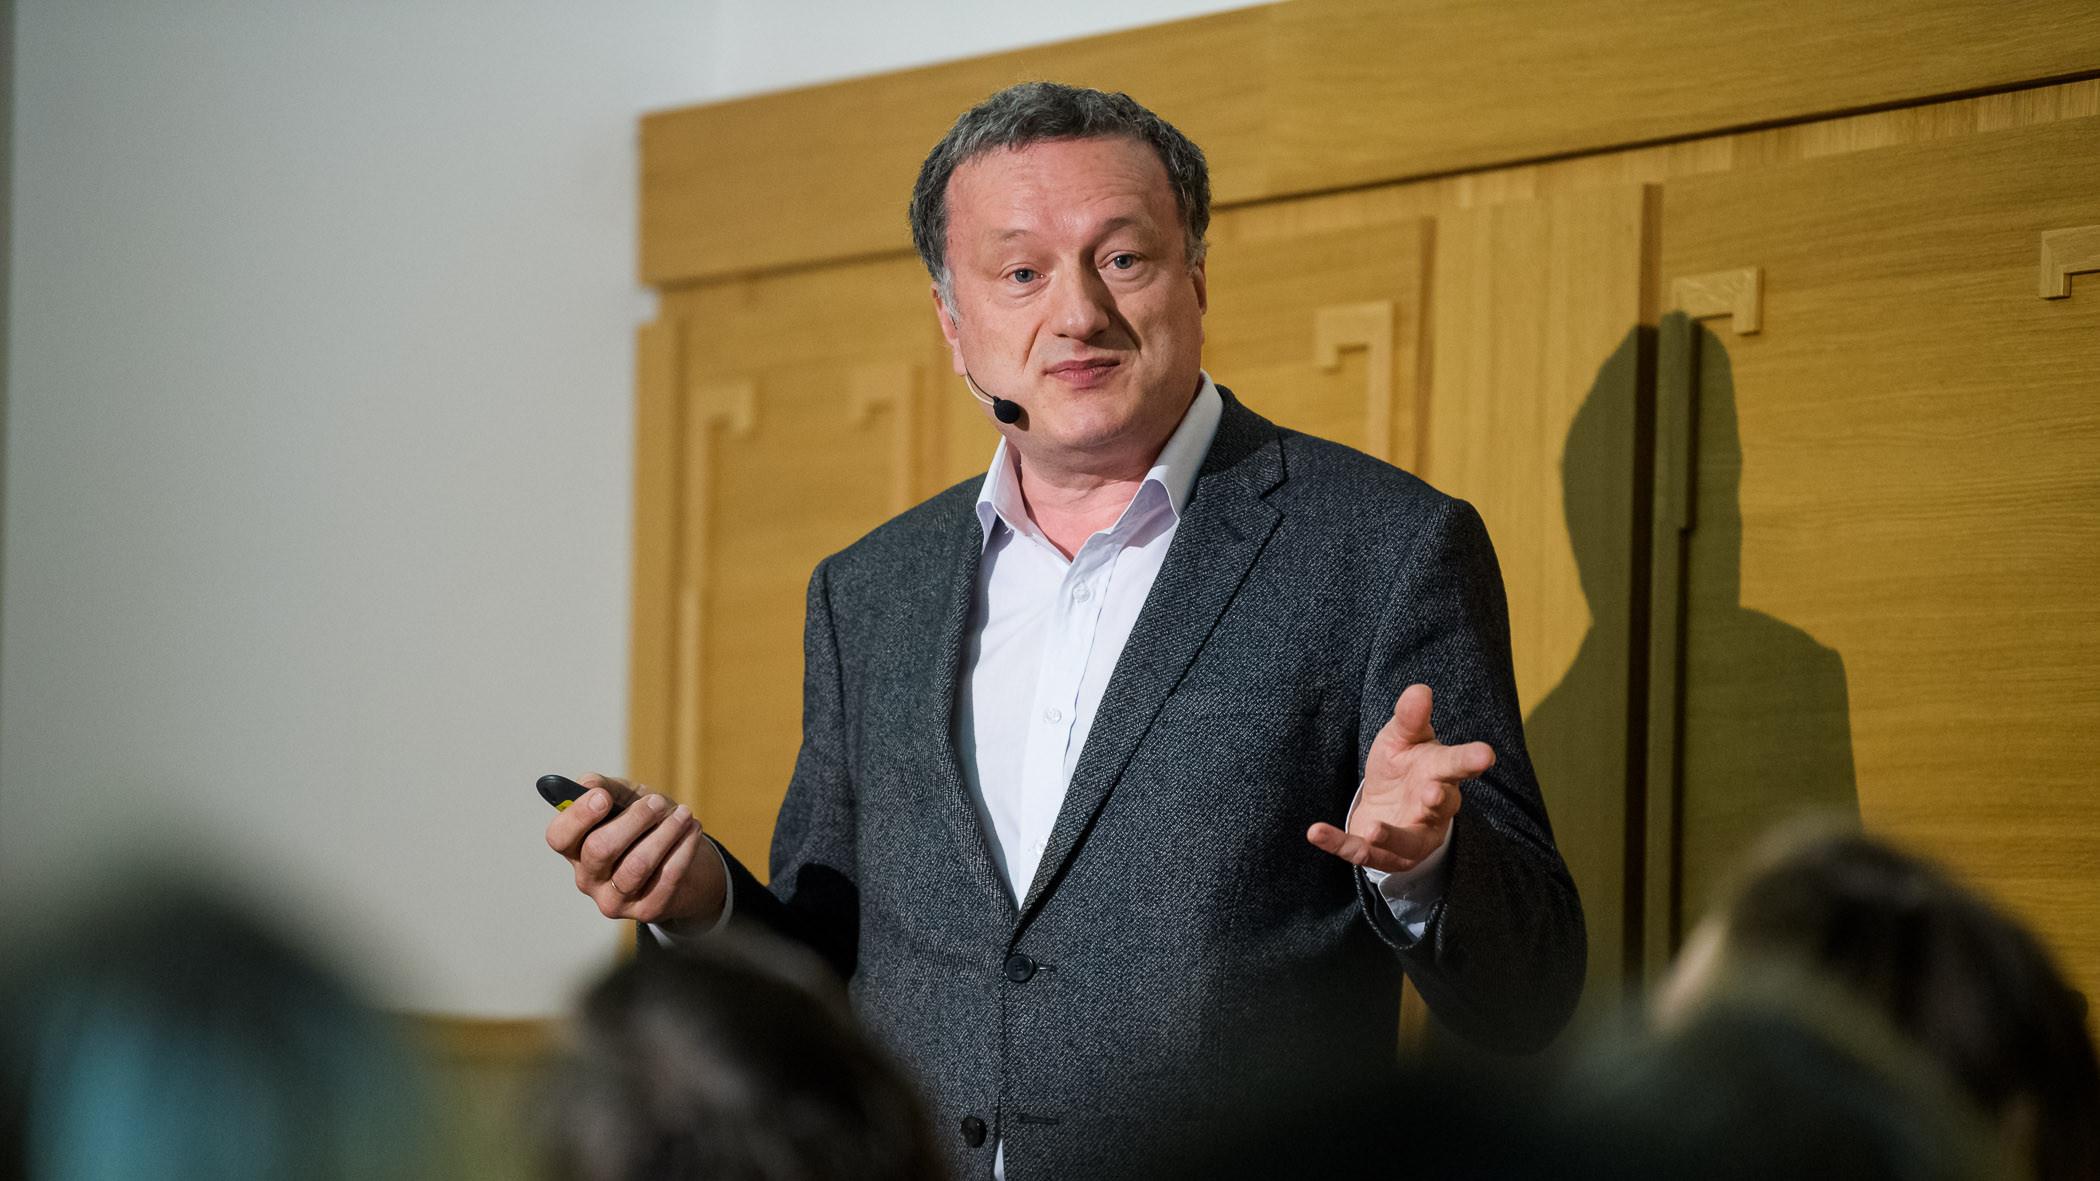 Český rozhlas/Khalil Baalbaki: Nepotřebujeme miliardu za rok. Ale pár milionů přesně teď, říká koordinátor akademického výzkumu koronaviru